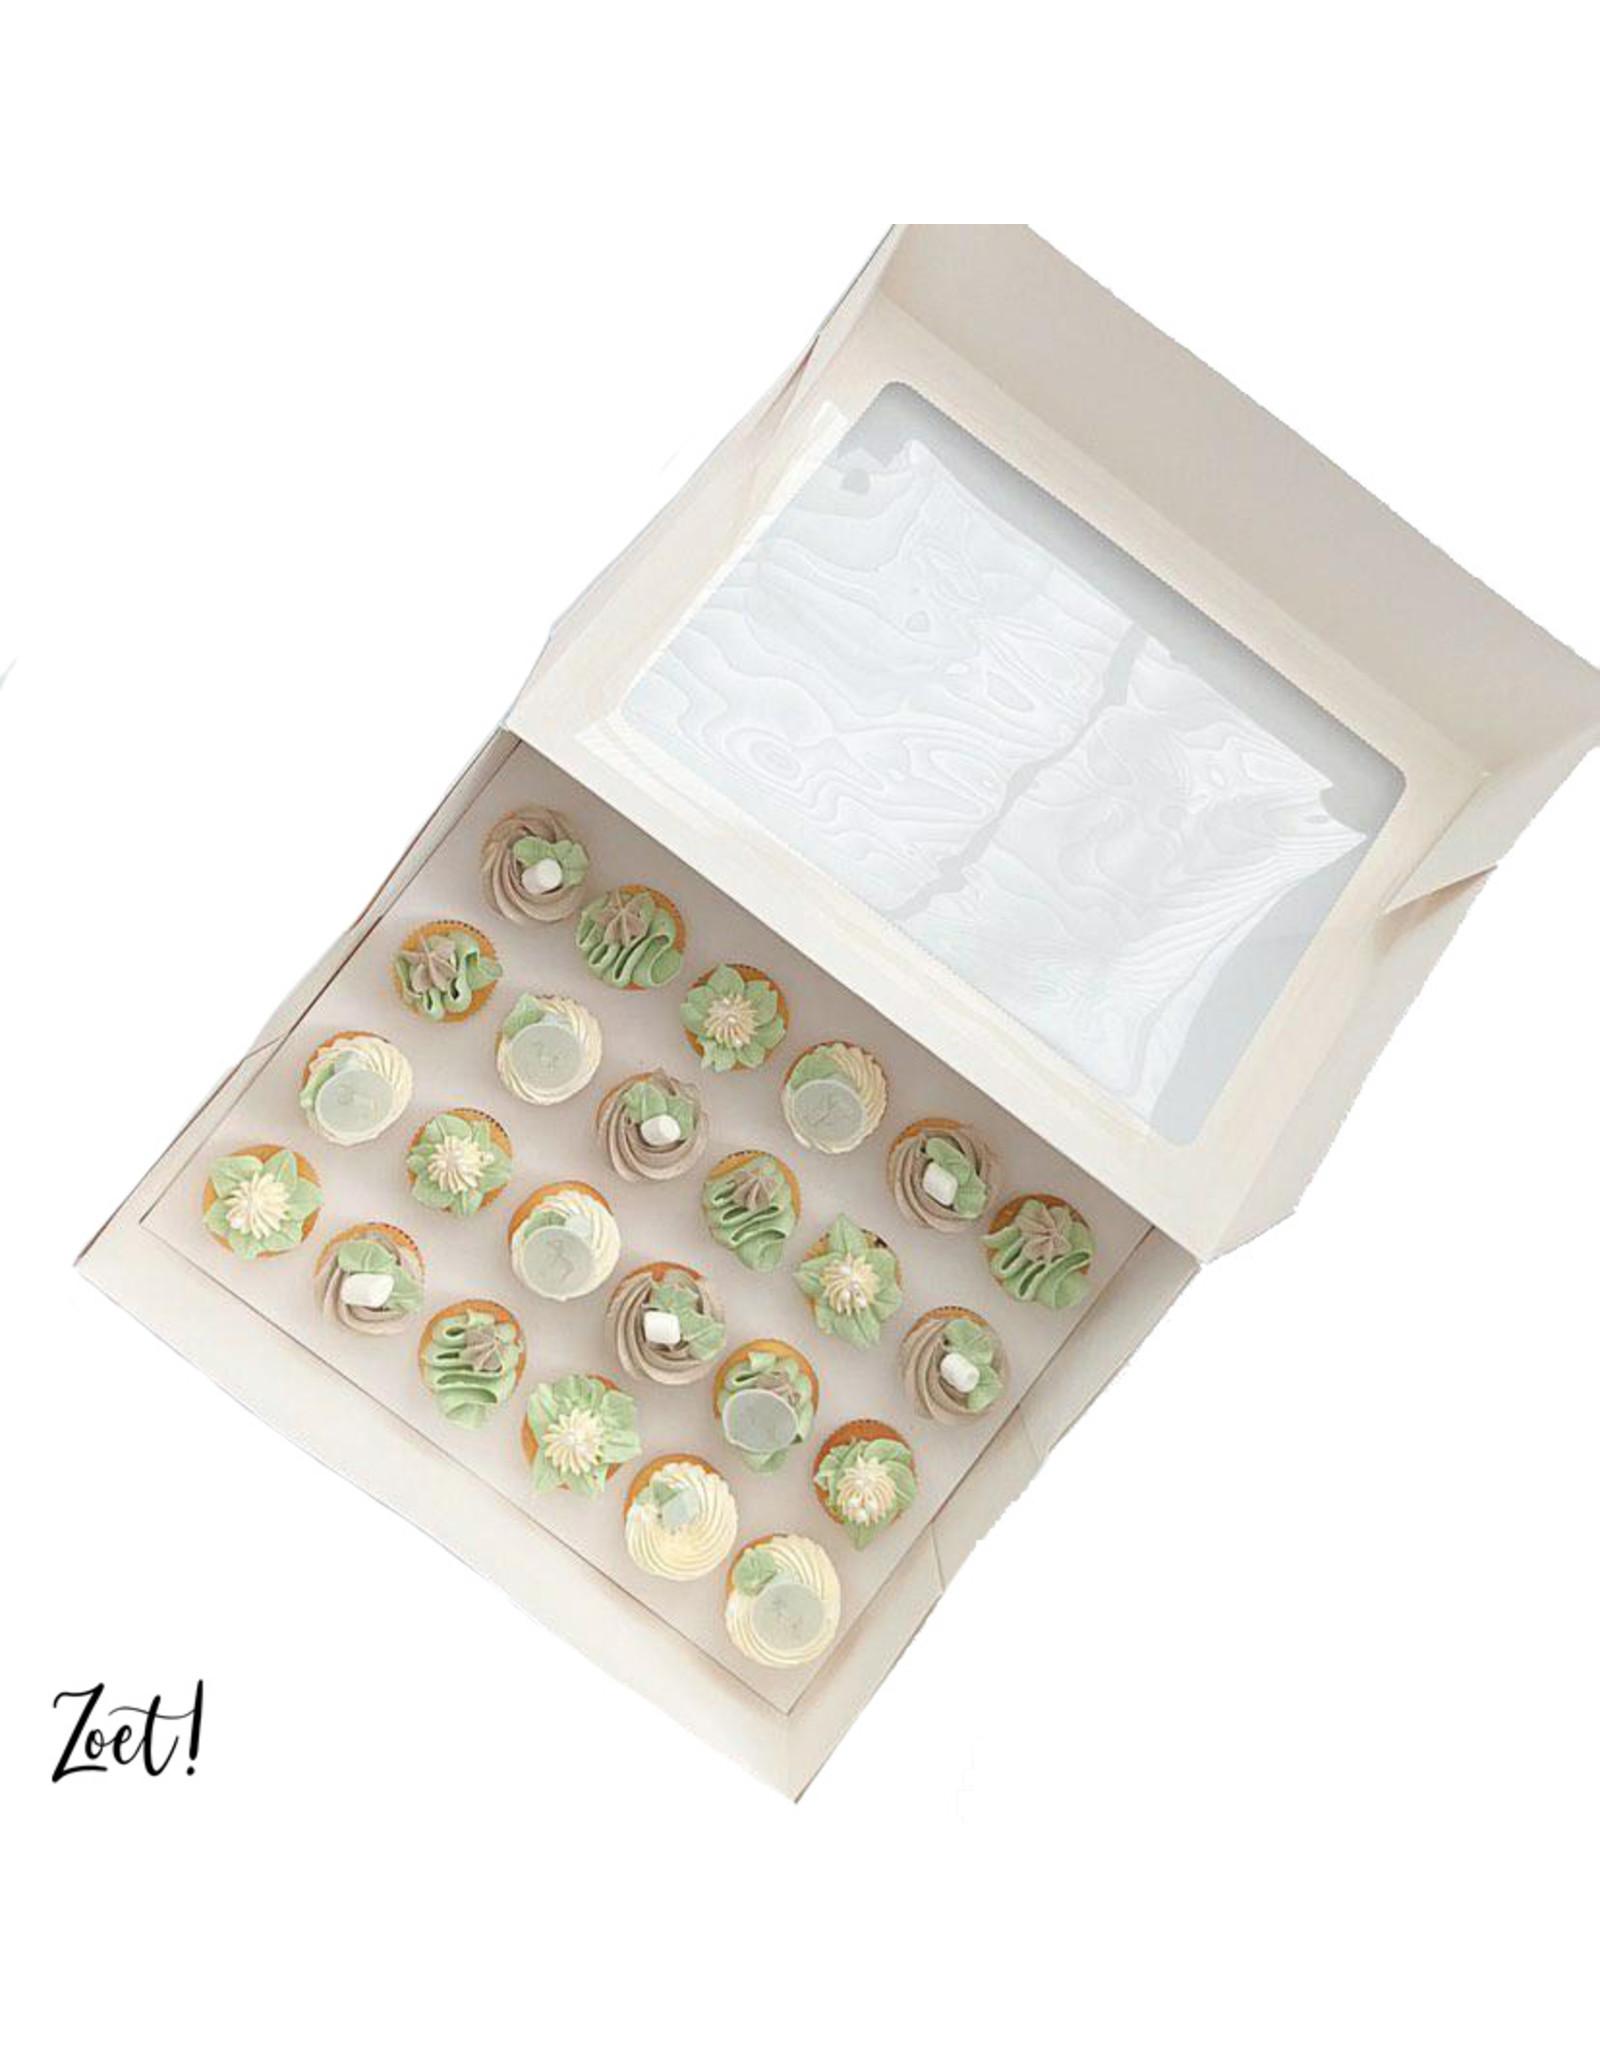 Economy box for 24 mini cupcakes (per 10 pieces)